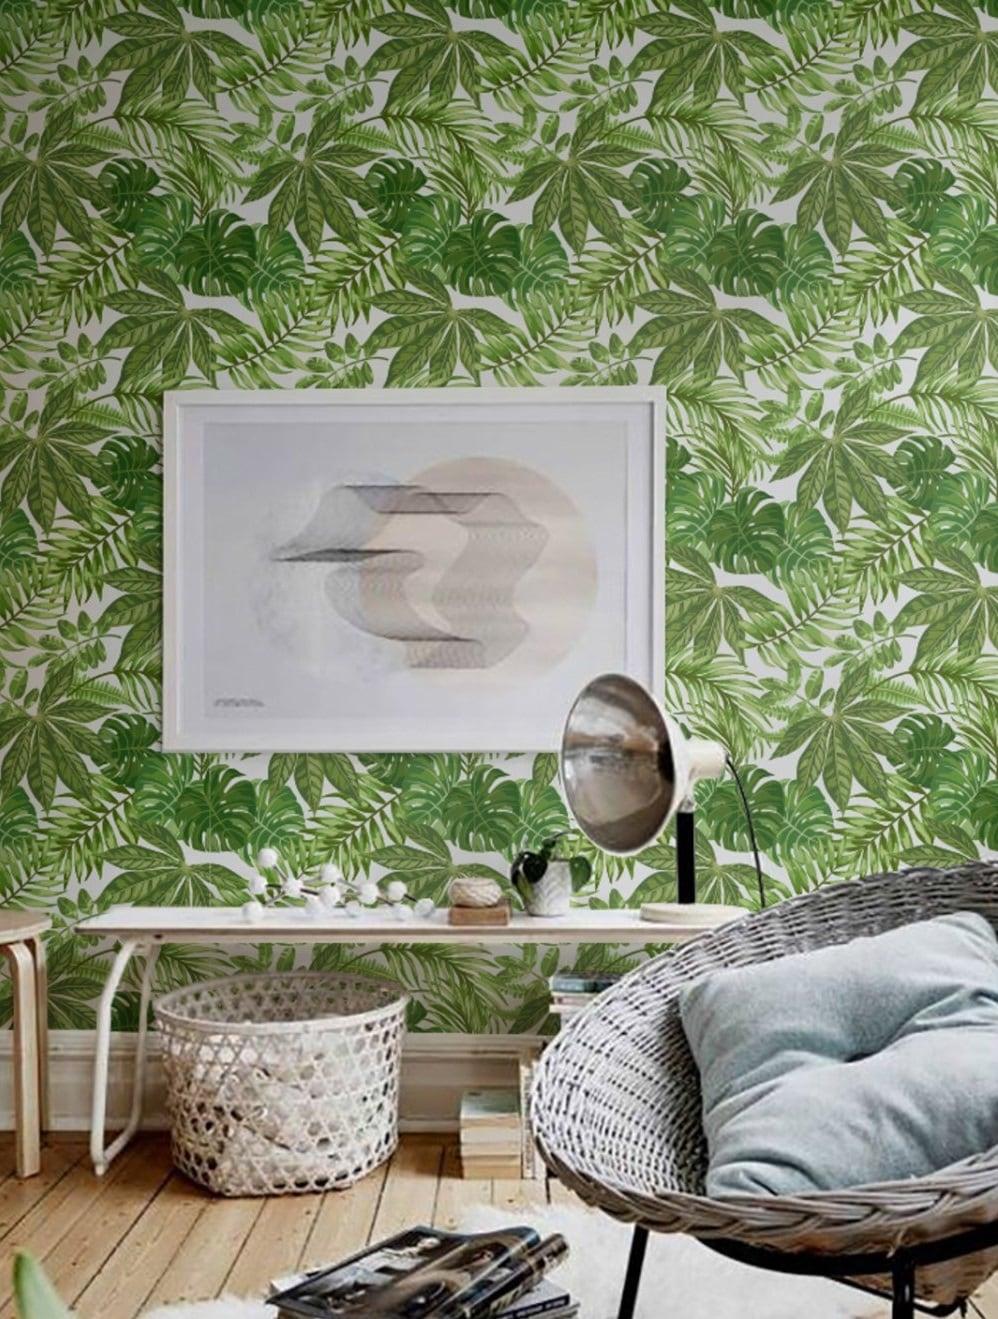 Papier peint aralia pour une déco murale moderne